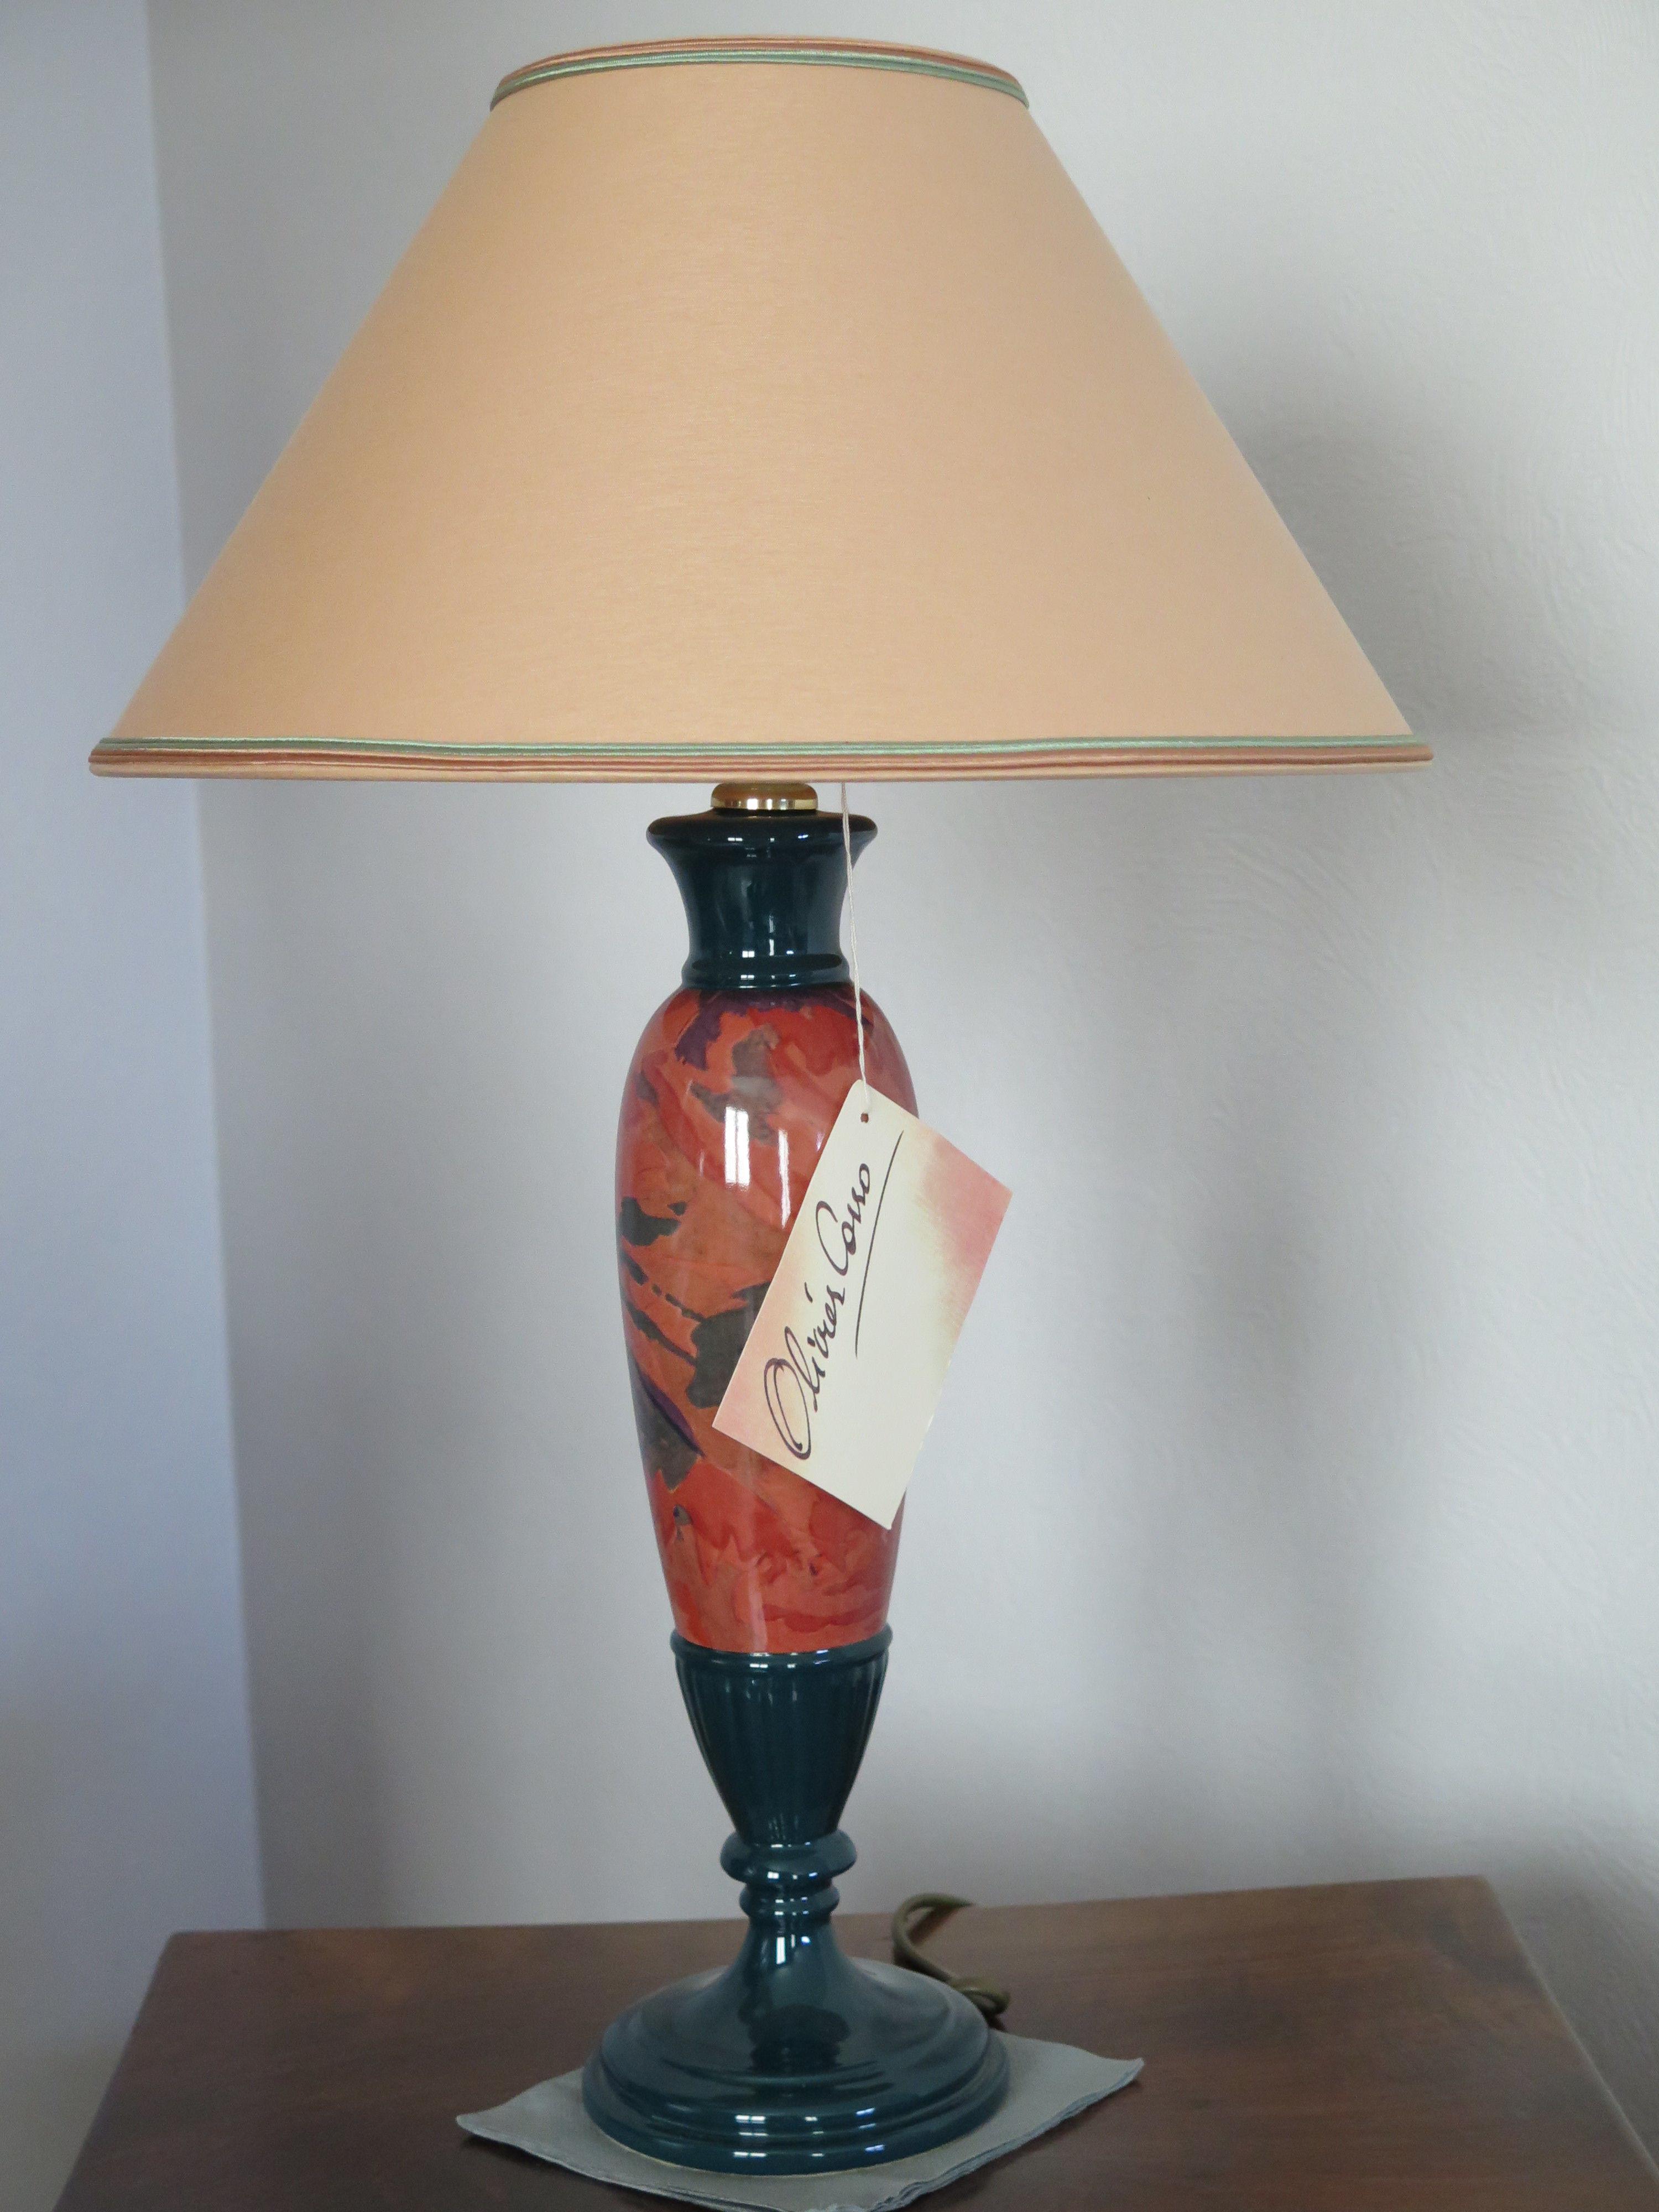 Belle Lampe De Salon #12: Belle Lampe De Salon Signu0026eacute;e Olivier Carro Décoration